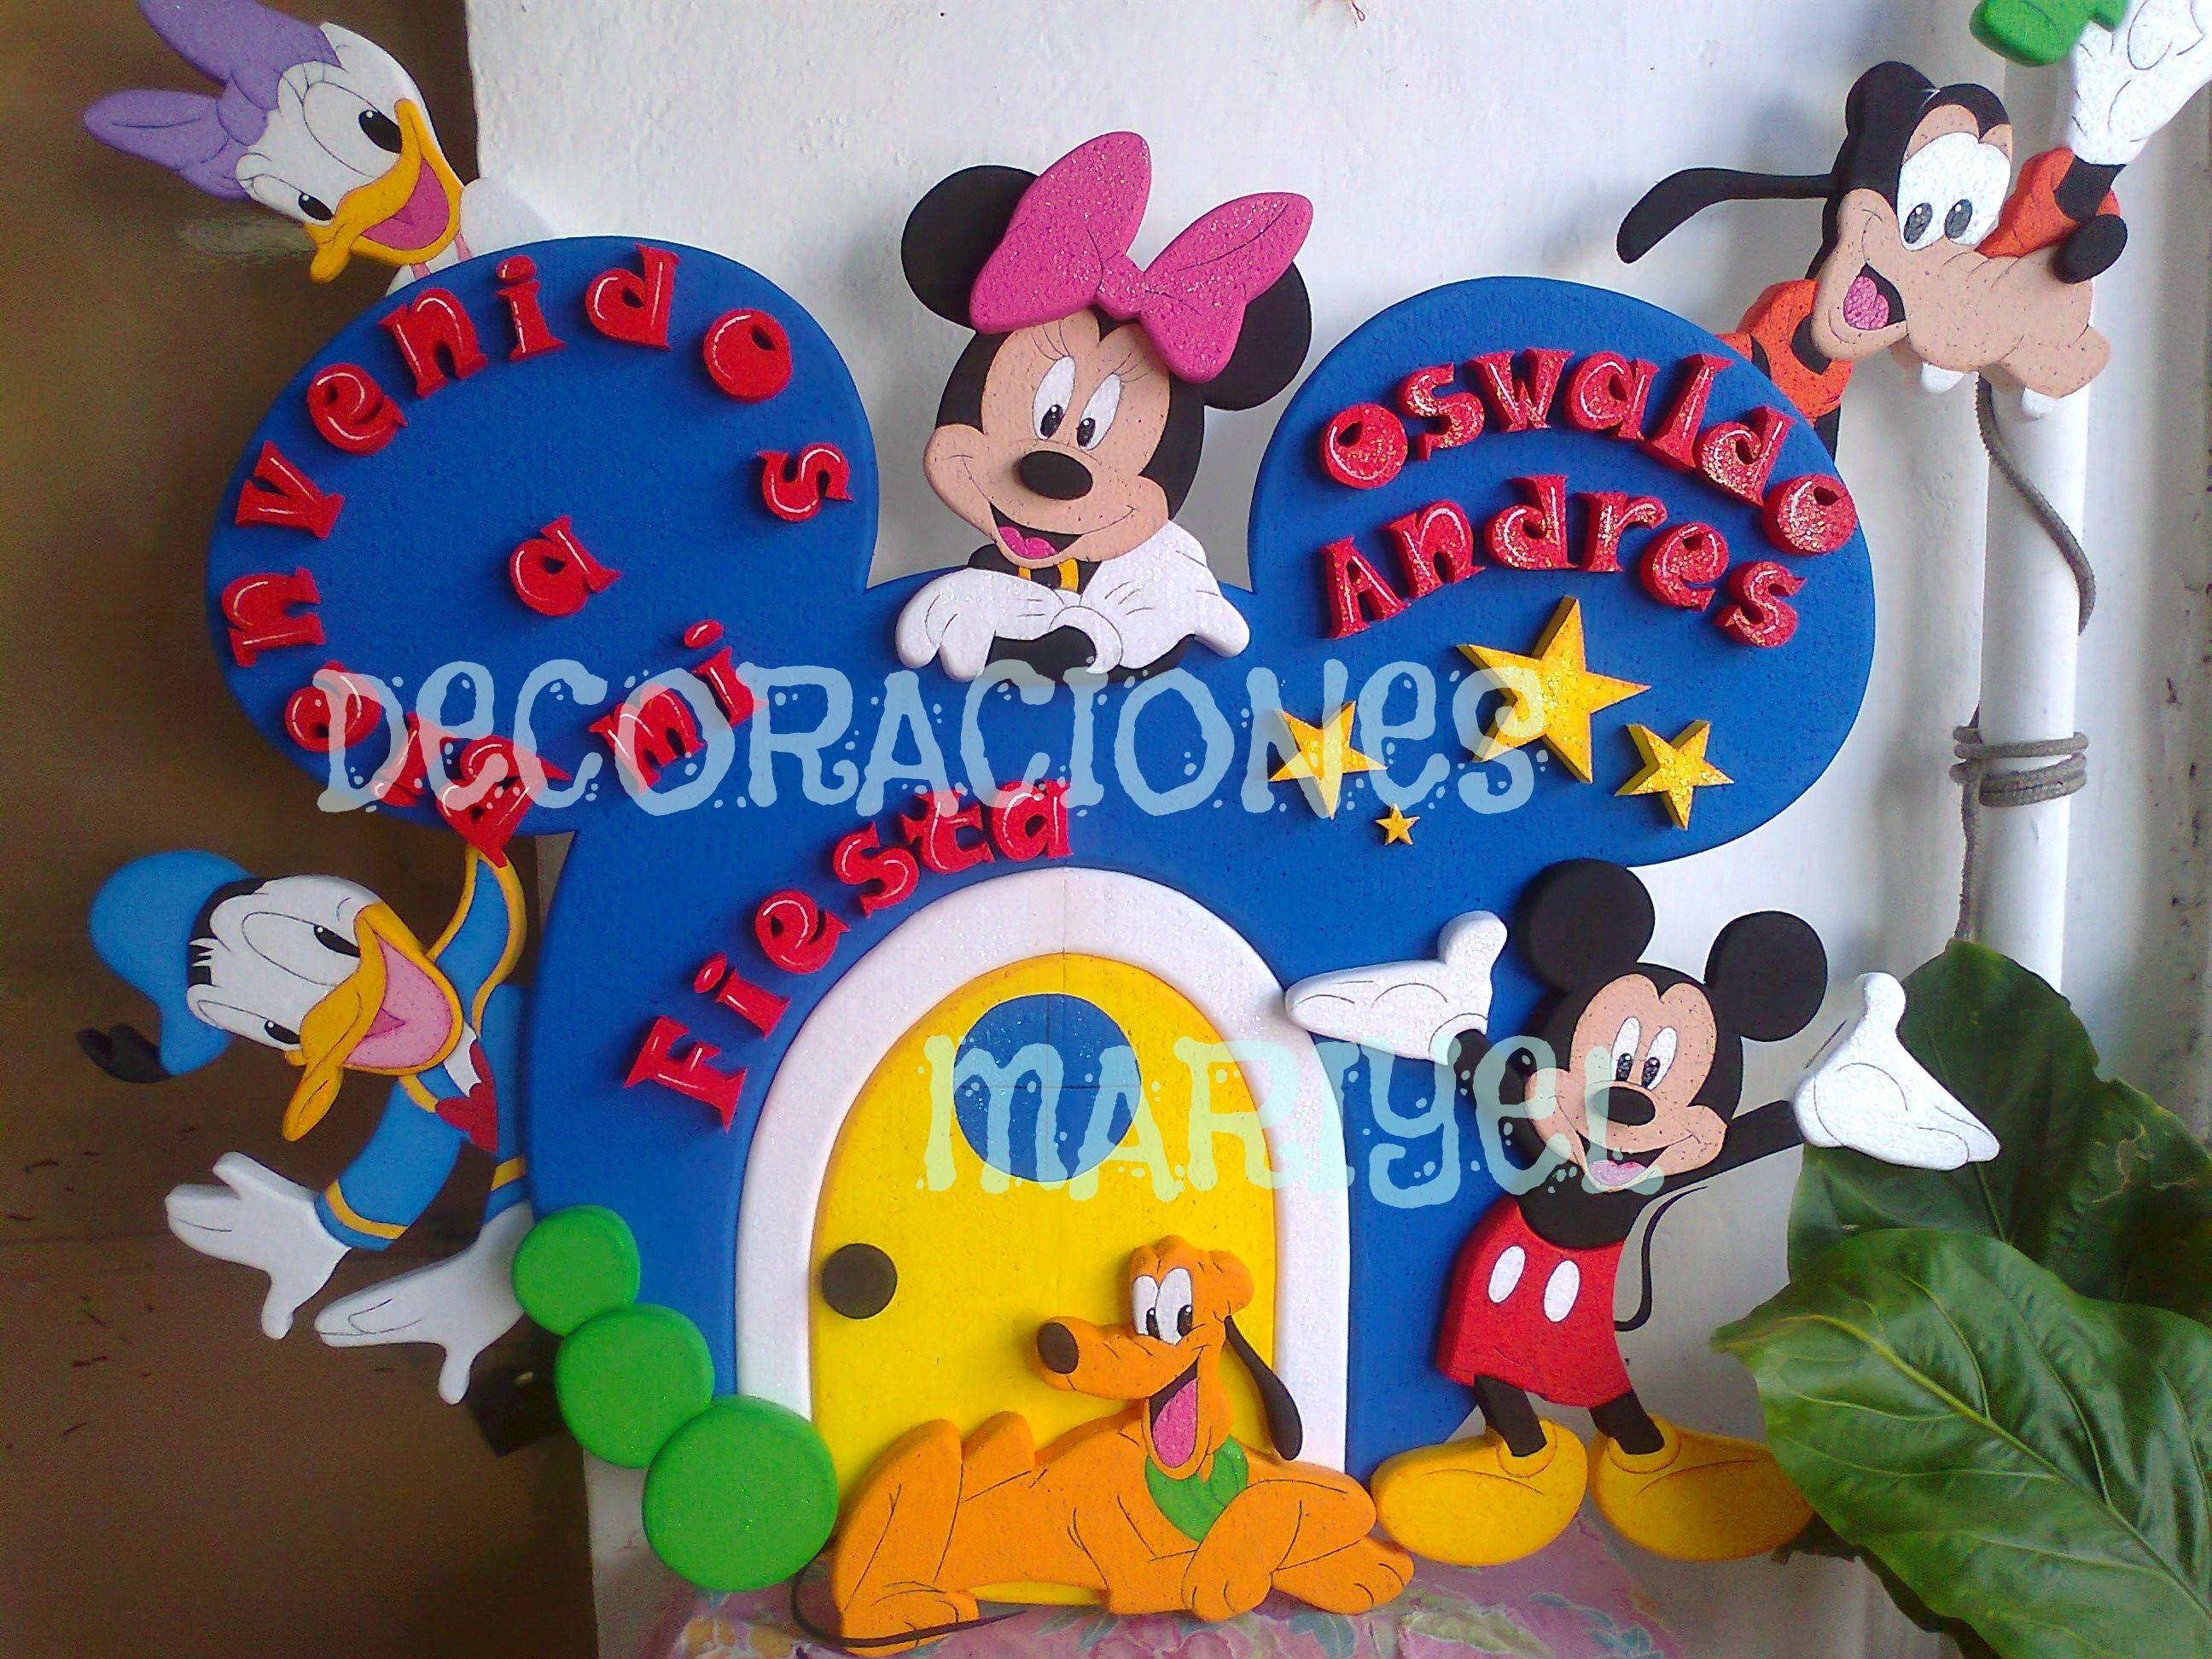 decoraciones DE marcos en anime para fiestas infantiles - Buscar con ...